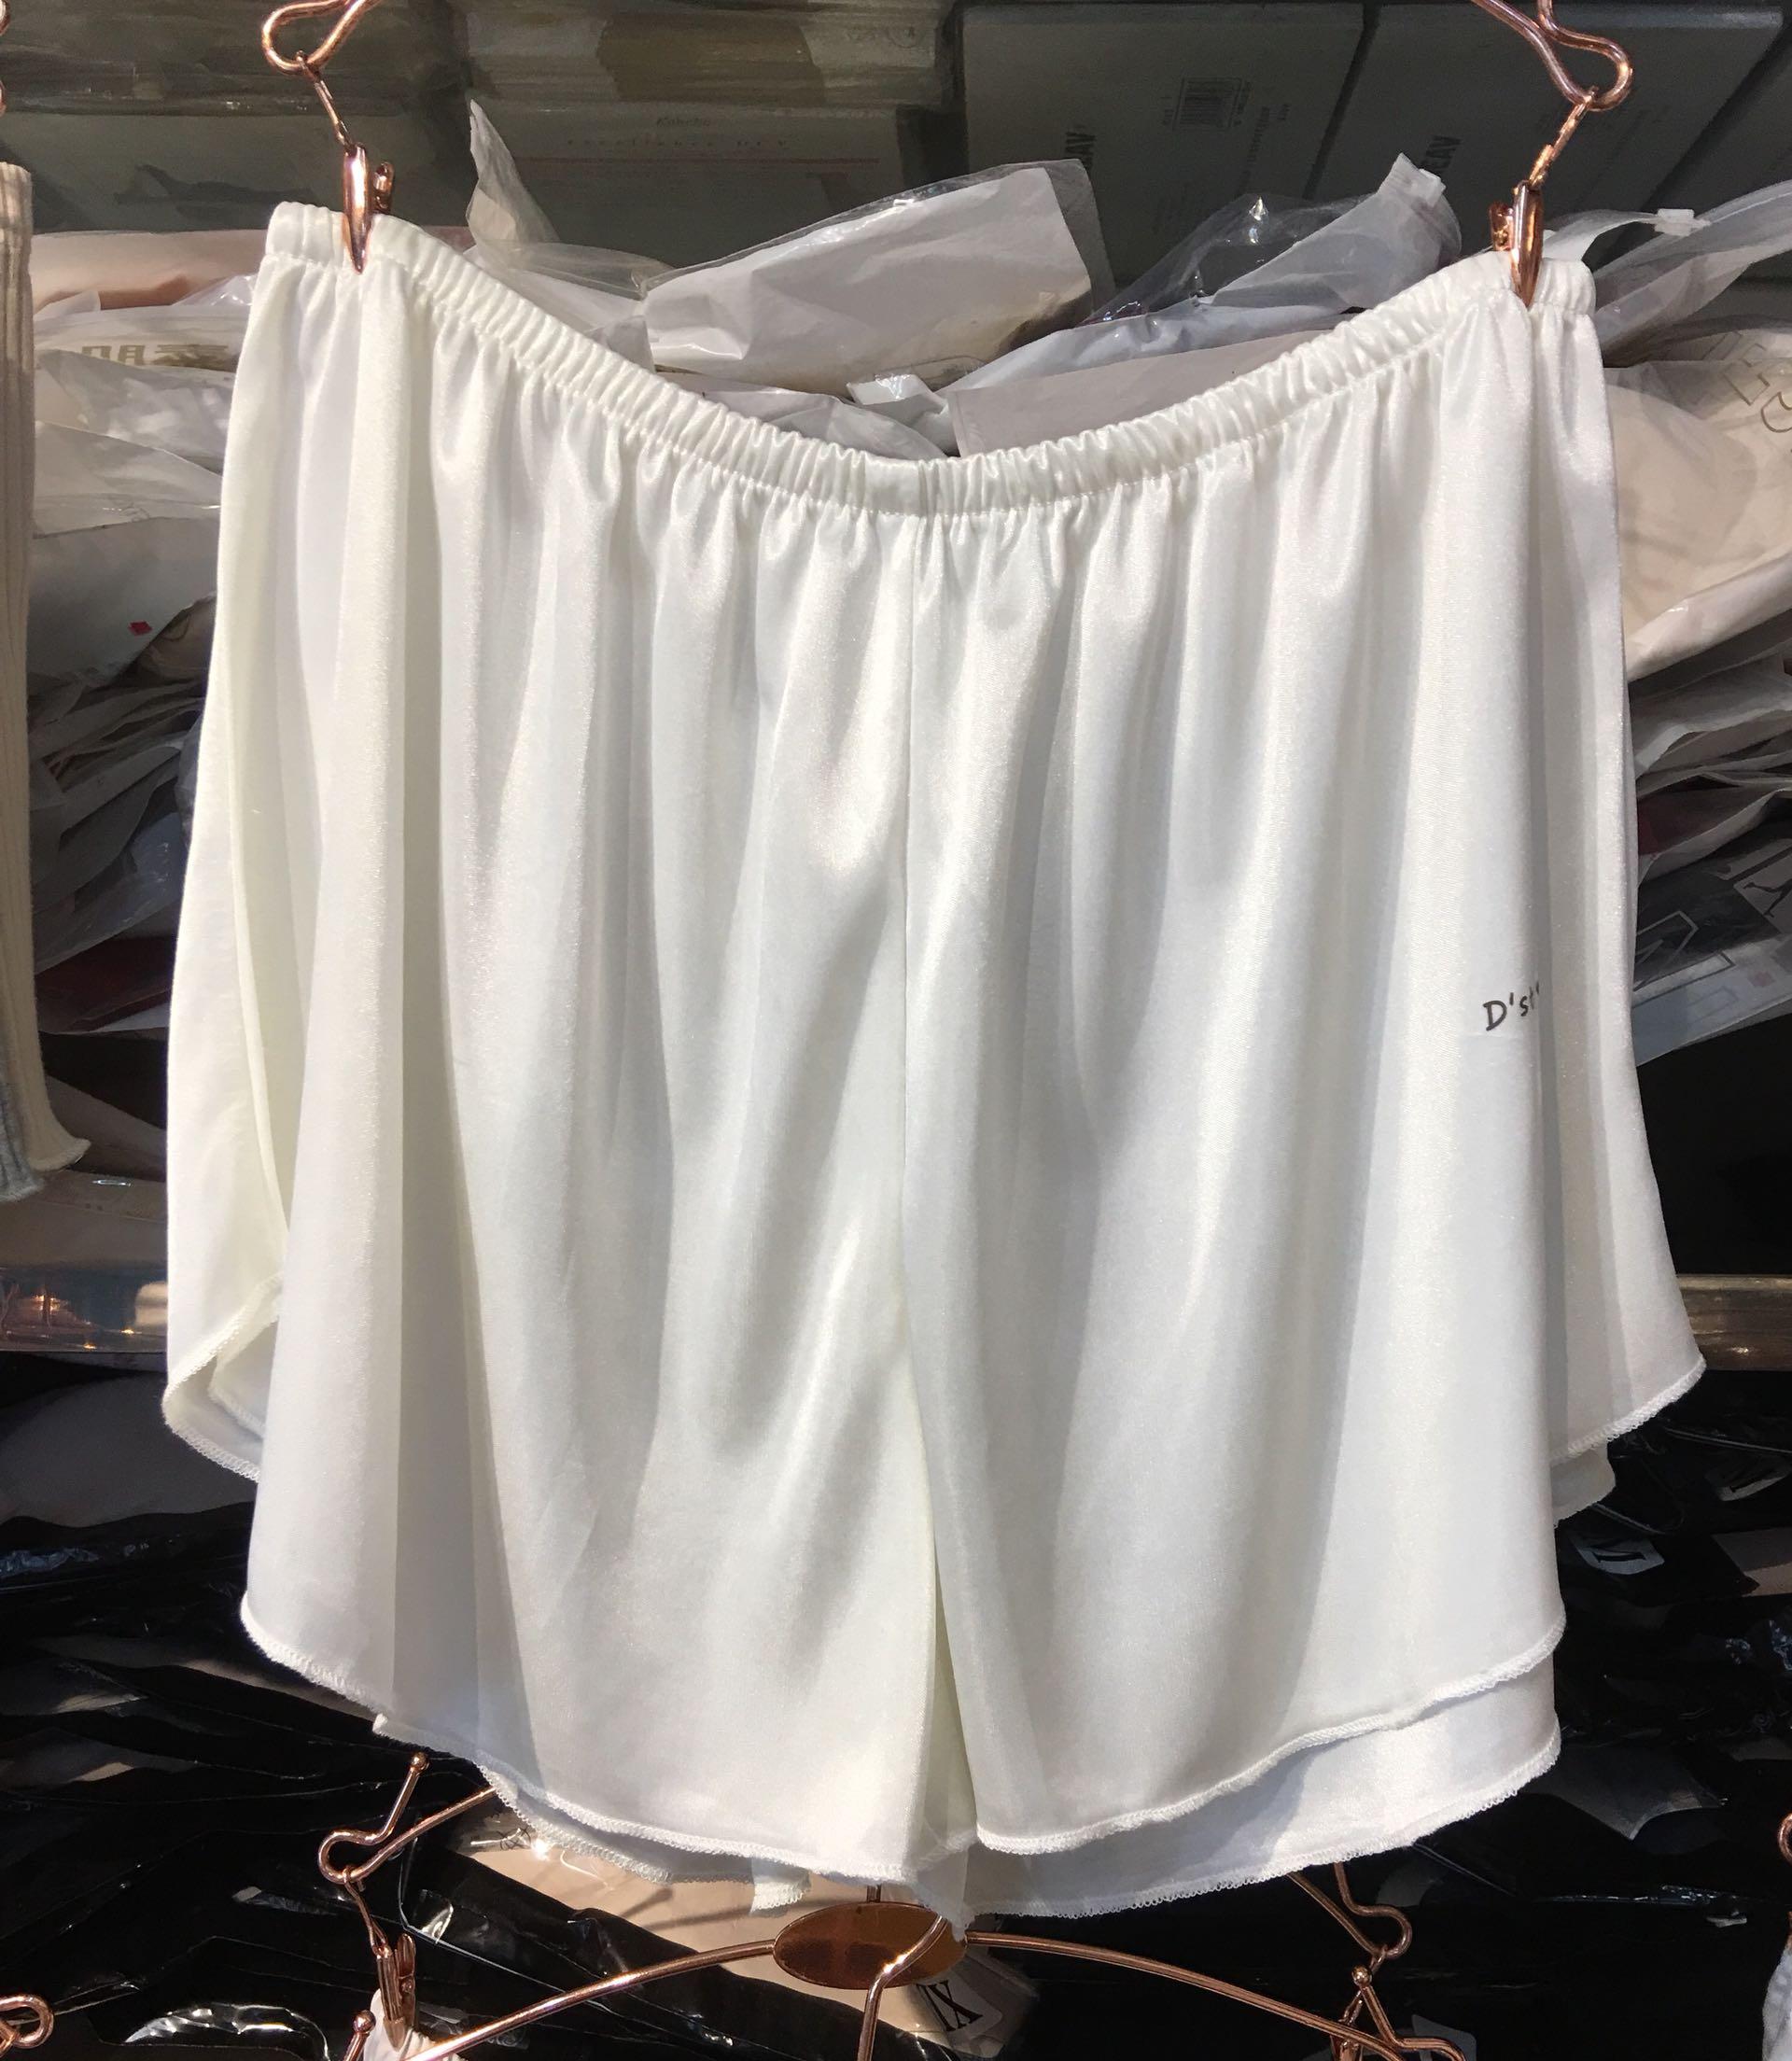 D. STUDIO ánh sáng mùa hè quần satin an toàn chống cừu nhà quần short ba điểm chạm đáy mặc nữ Jane hoang dã - Quần tây thường